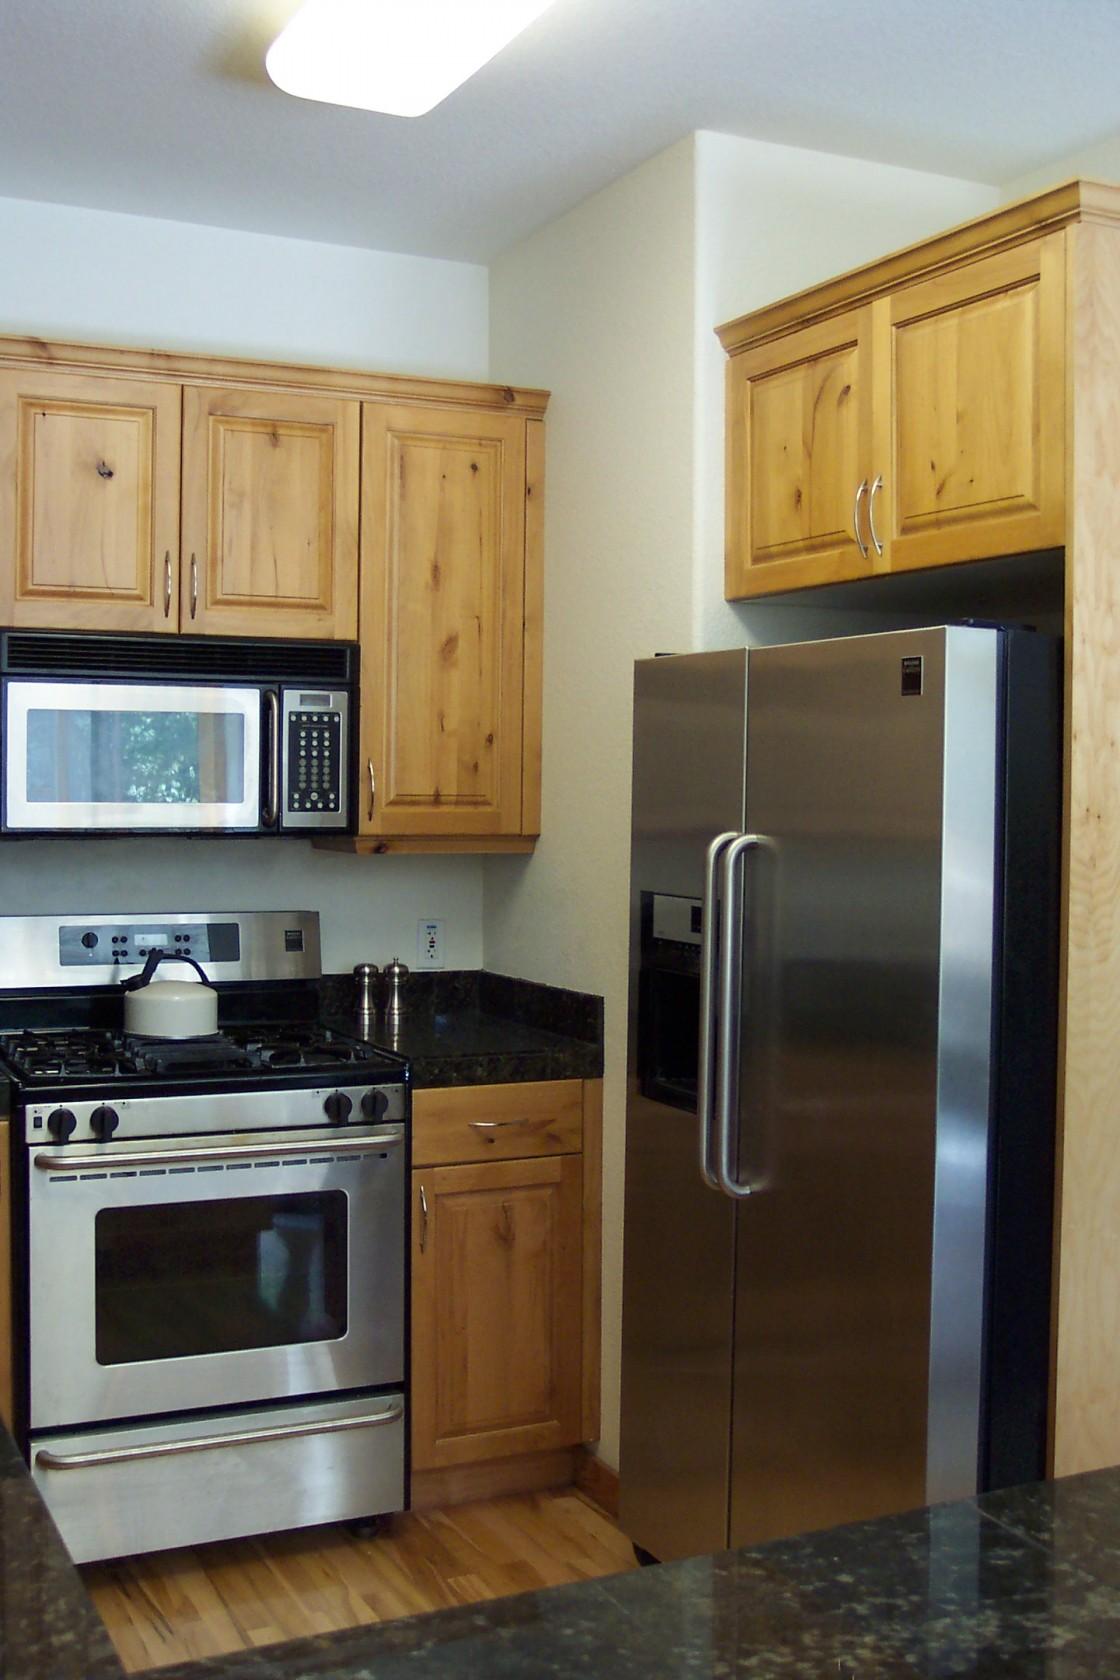 petites-idées-de-cuisine-avec-une-finition-marron-armoire-de-cuisine-en-pin noueux-utilisant-un-comptoir-en-granit-et-un-grand-frigo-en-acier-inoxydable-plus-micro-ondes-au-dessus-de-la-cuisinière-1120x1680